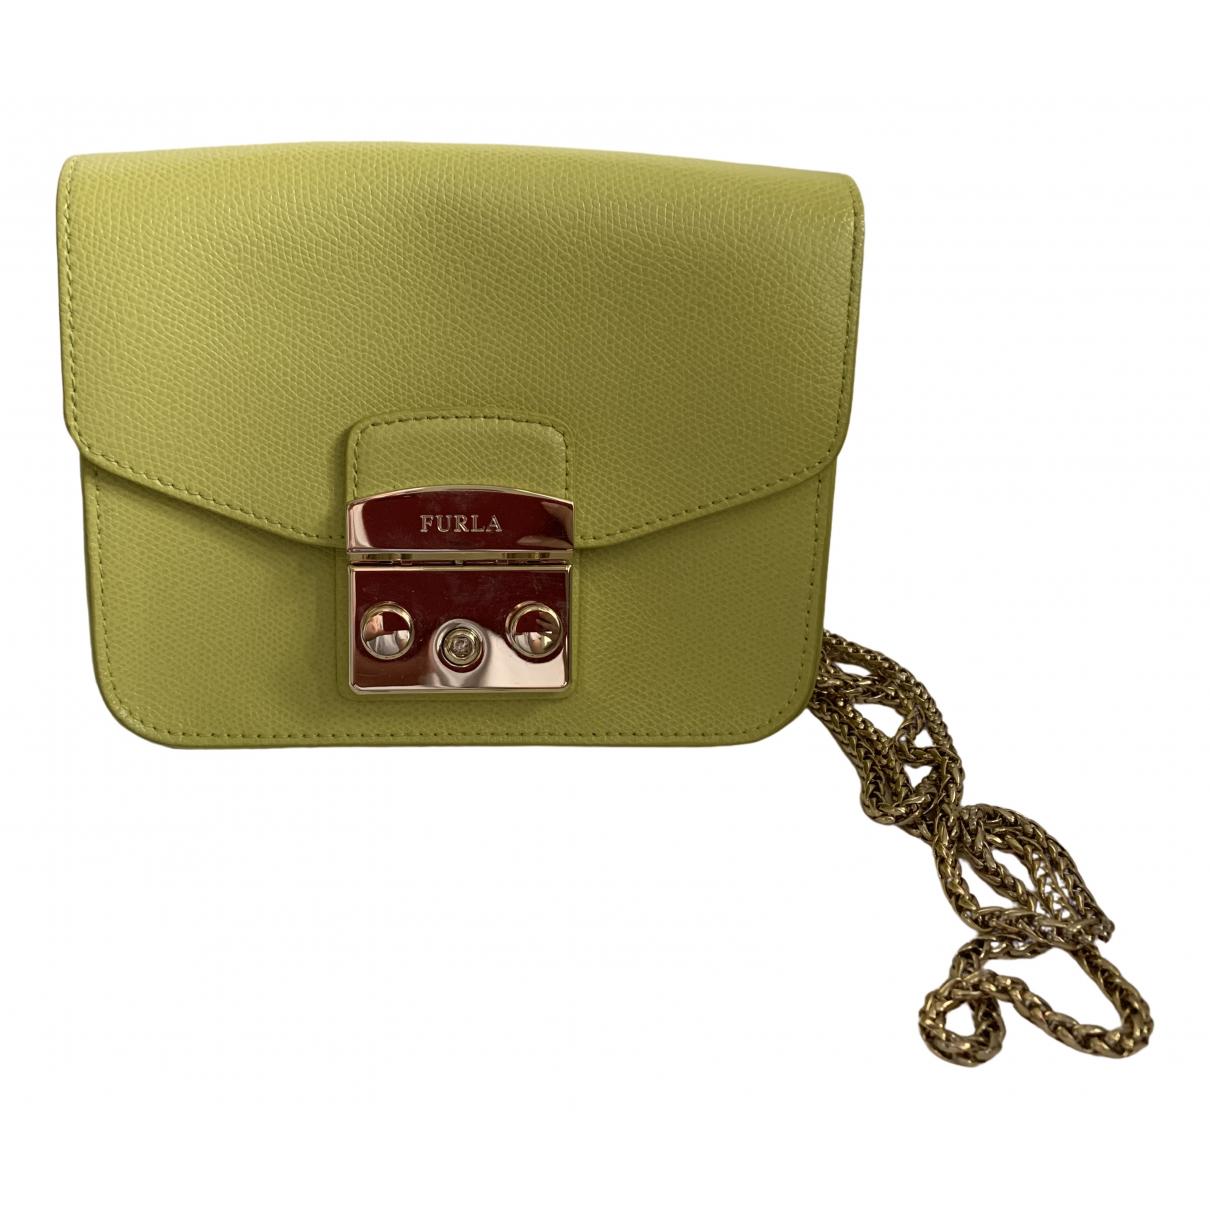 Furla Metropolis Handtasche in  Gelb Leder